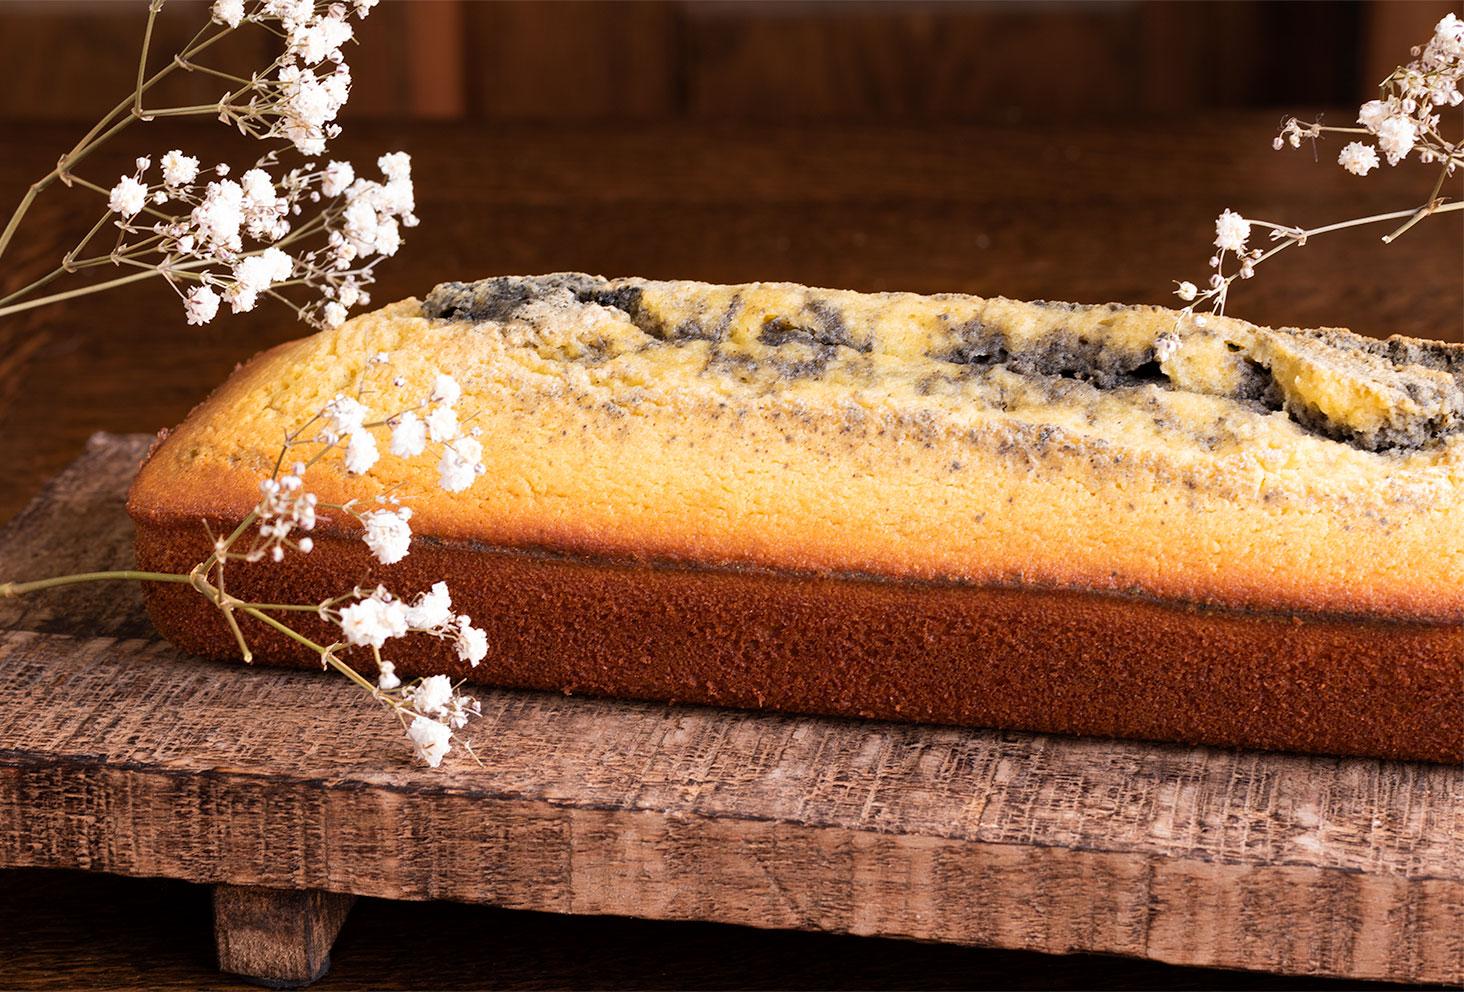 Recette d'un cake marbré à l'orange et à la crème de sésame noir, posé sur une planche en bois brut